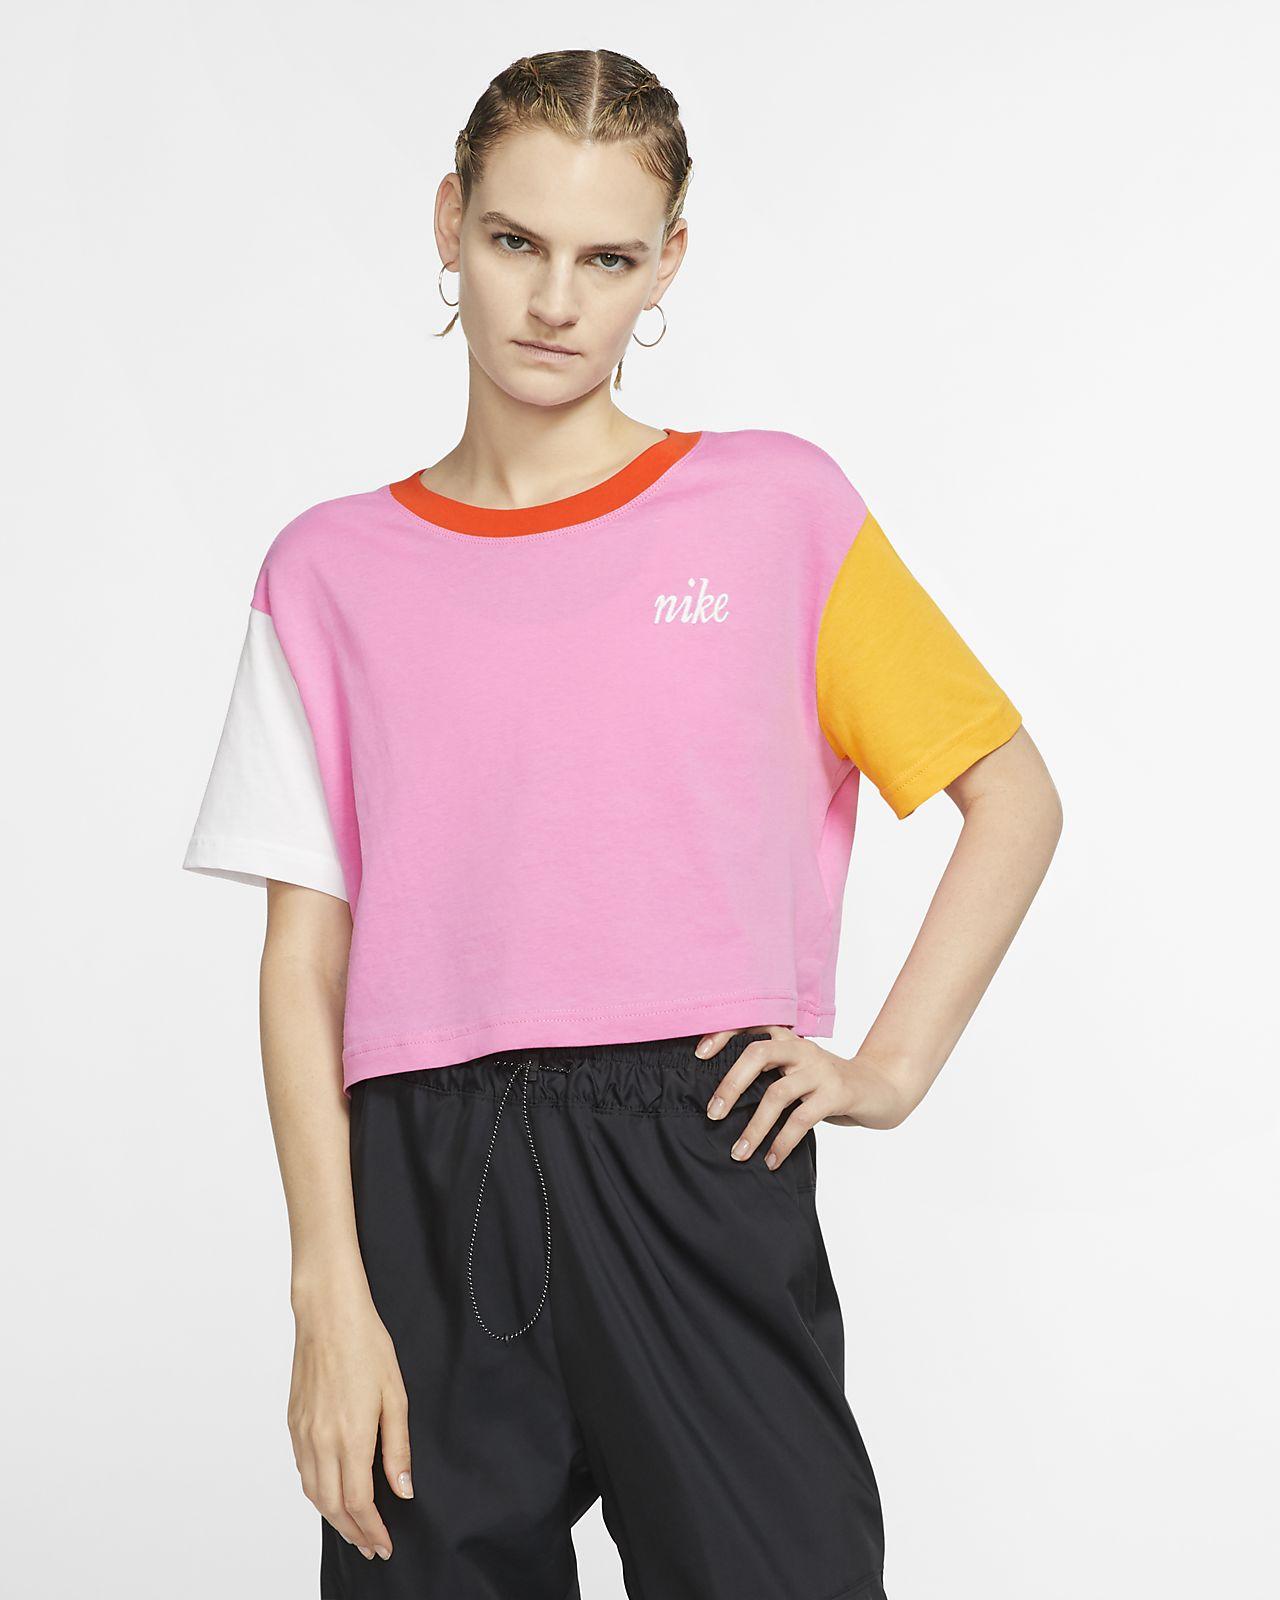 Nike Sportswear Kısaltılmış Kadın Tişörtü